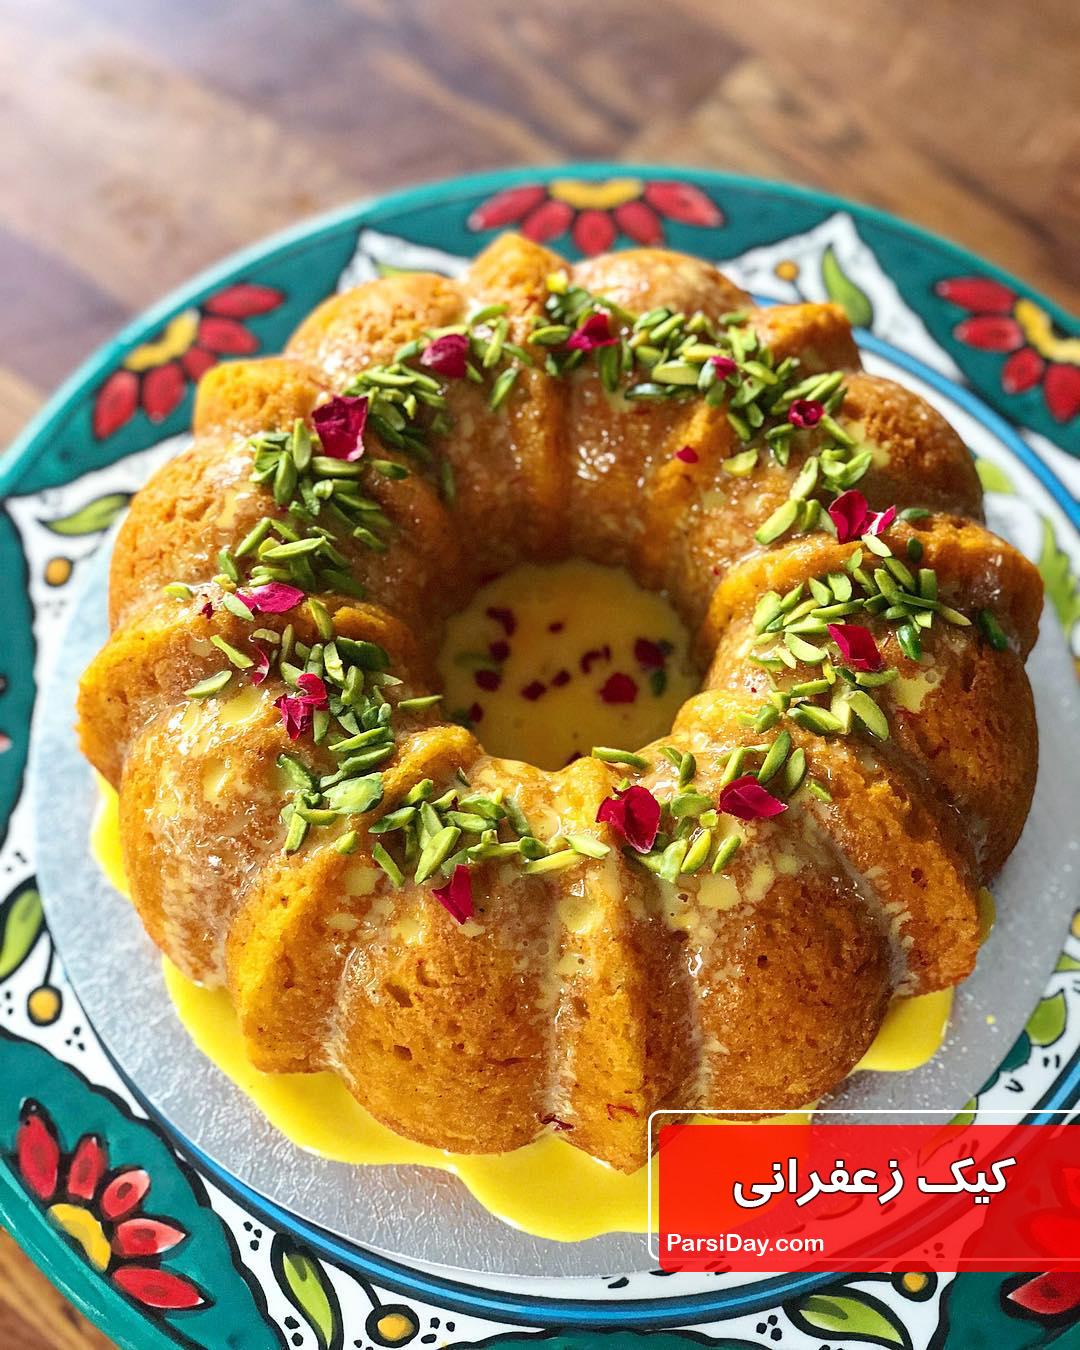 طرز تهیه کیک زعفرانی اسفنجی ساده و مجلسی با گلاب بدون فر